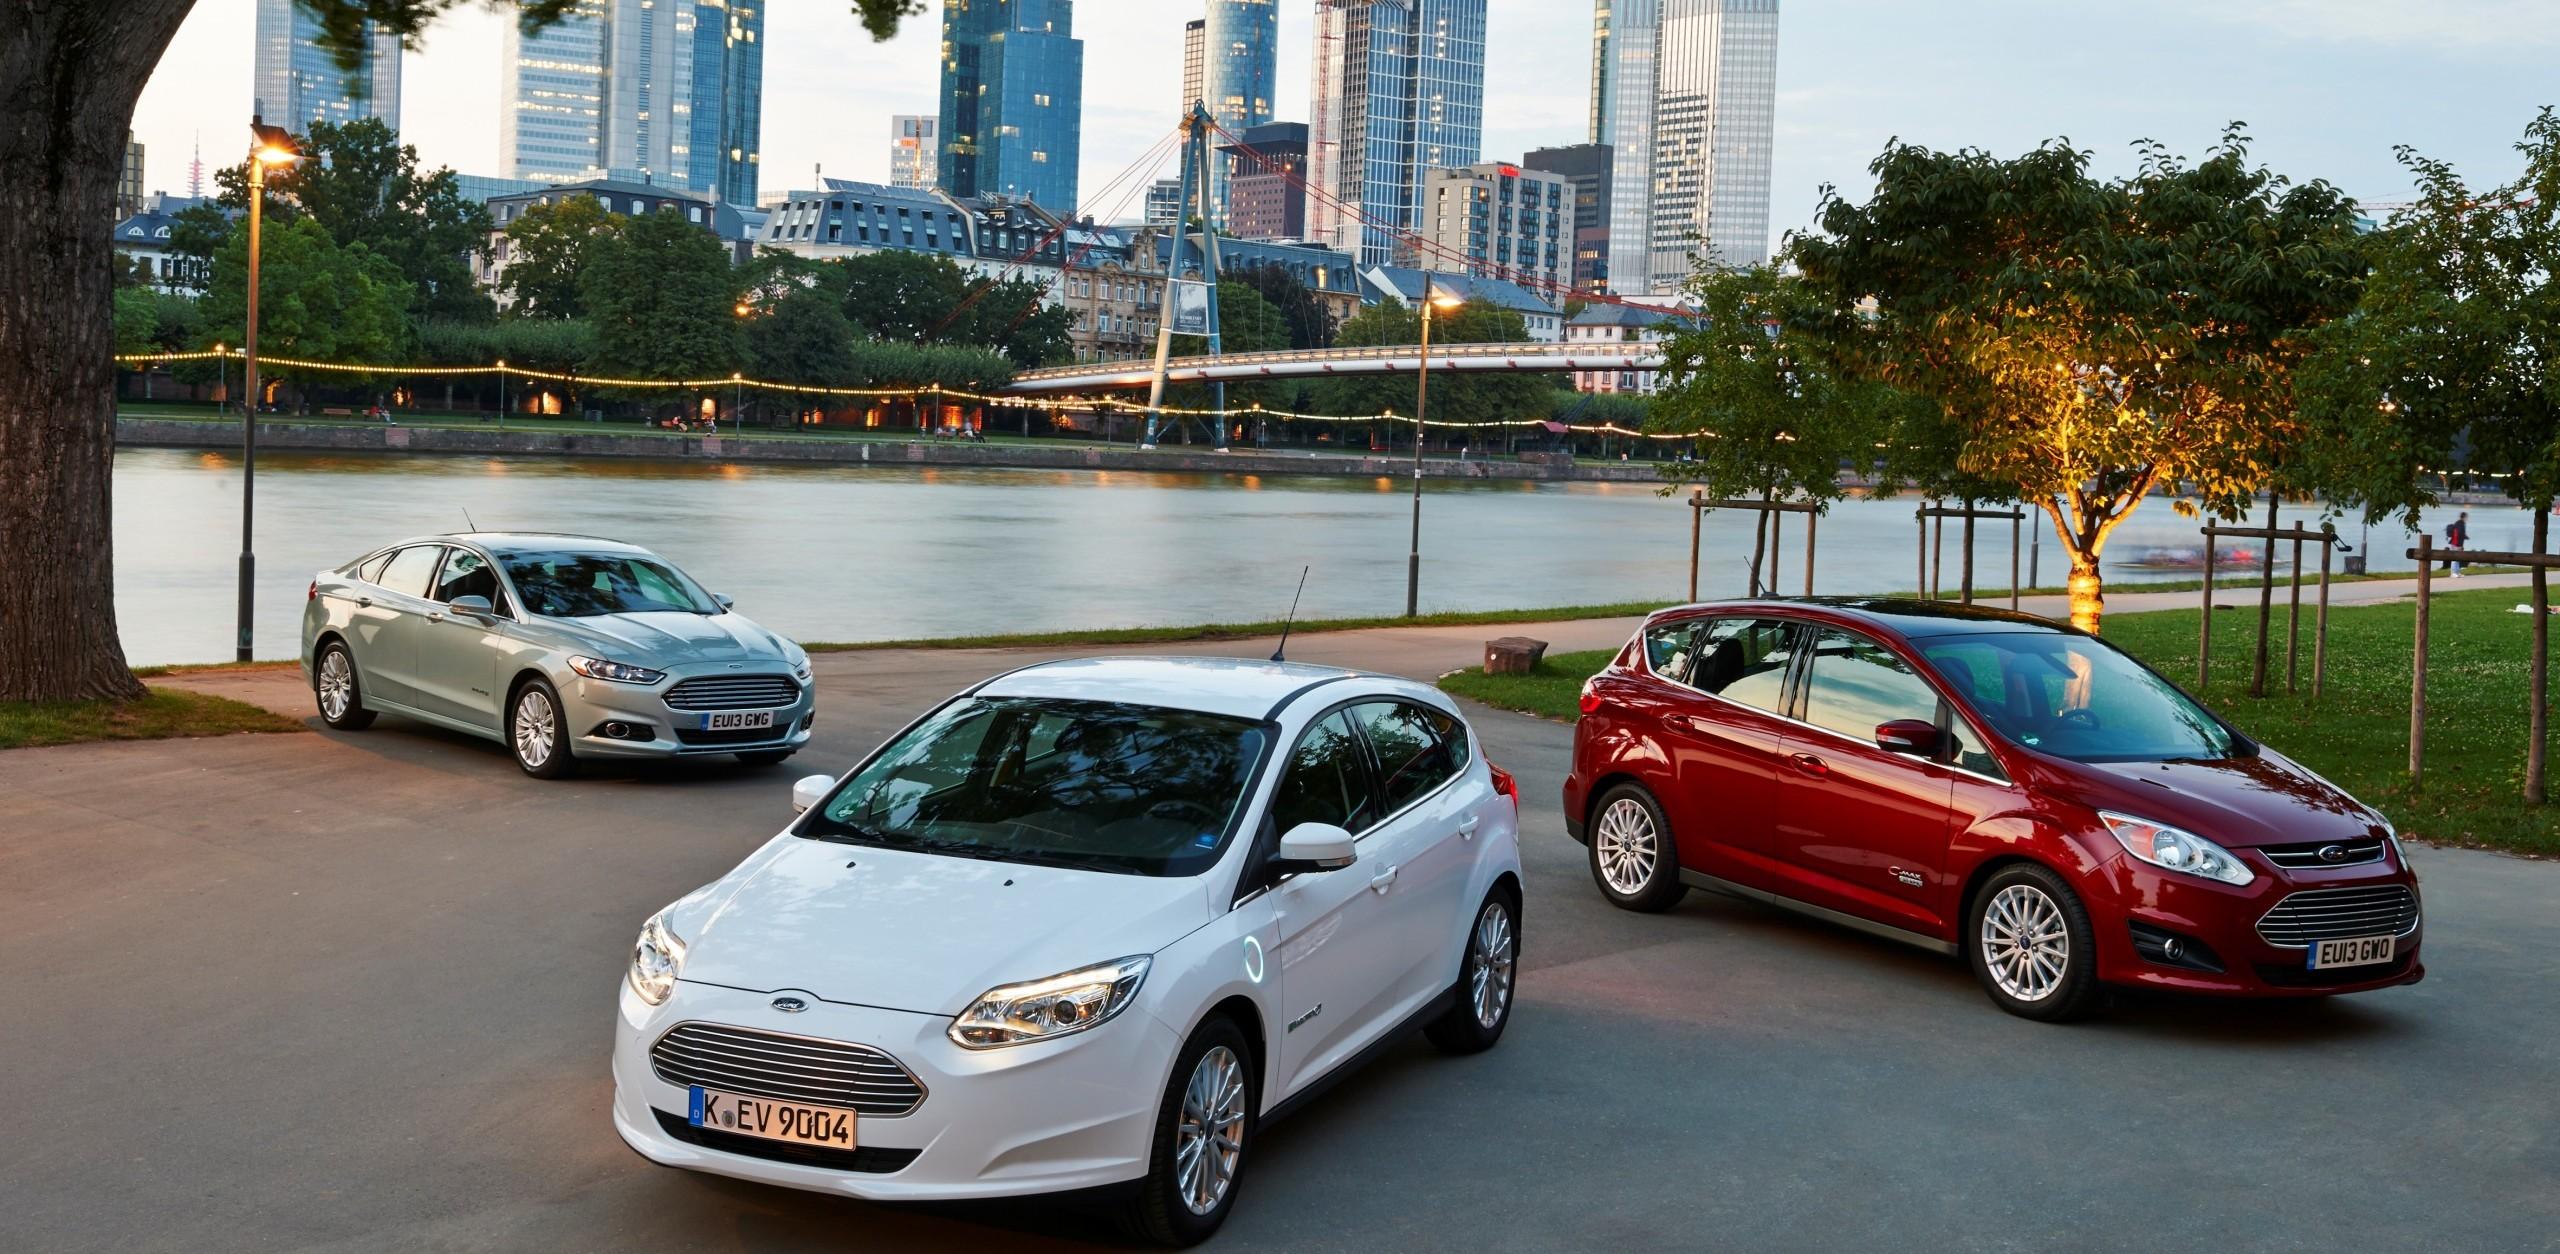 Ford, Focus, Mondeo, C-Max, voiture électrique, hybride, écolo